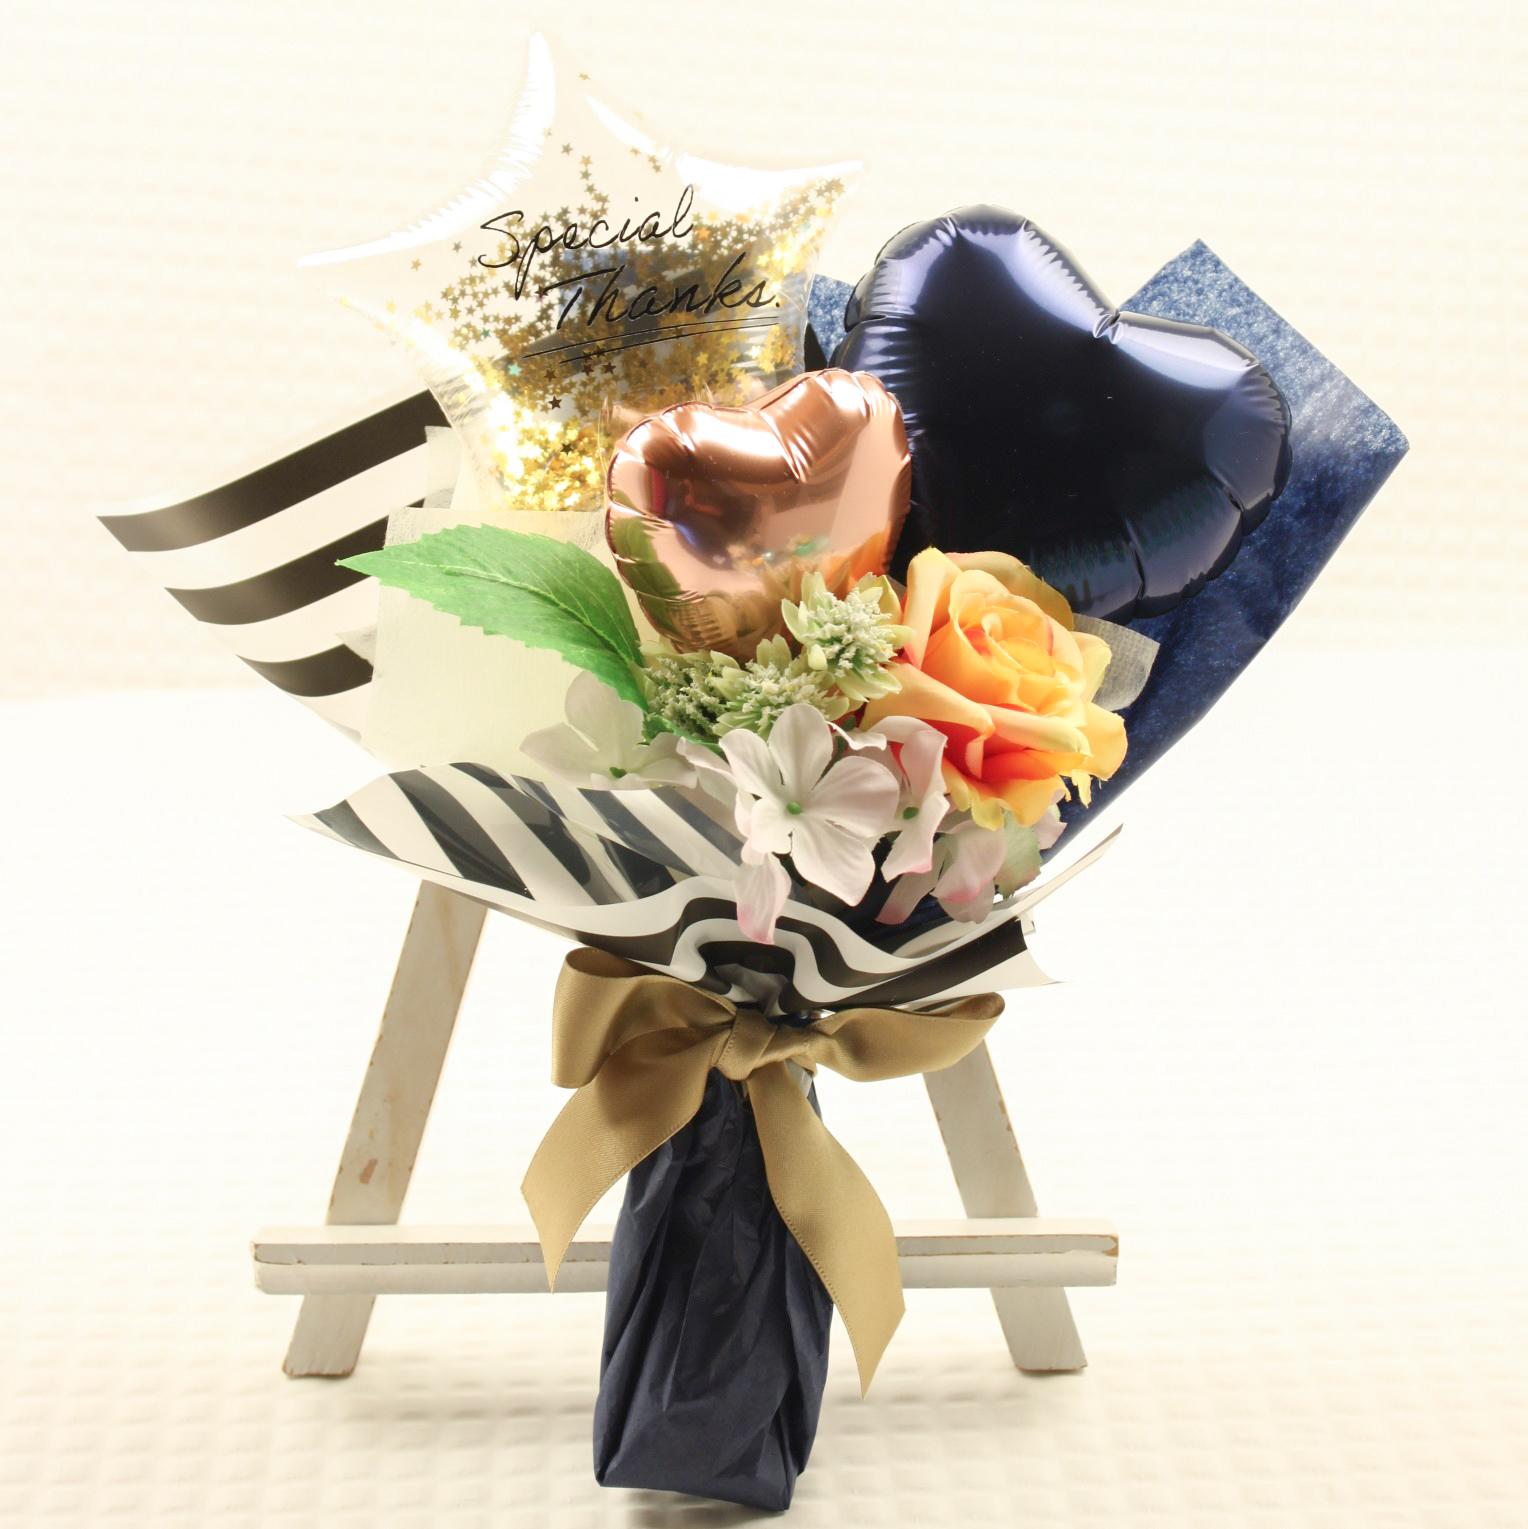 絶対オシャレシリーズ 父の日花束タイプ 「ゴールドサンキュー束 バルーンギフト」 fd0006